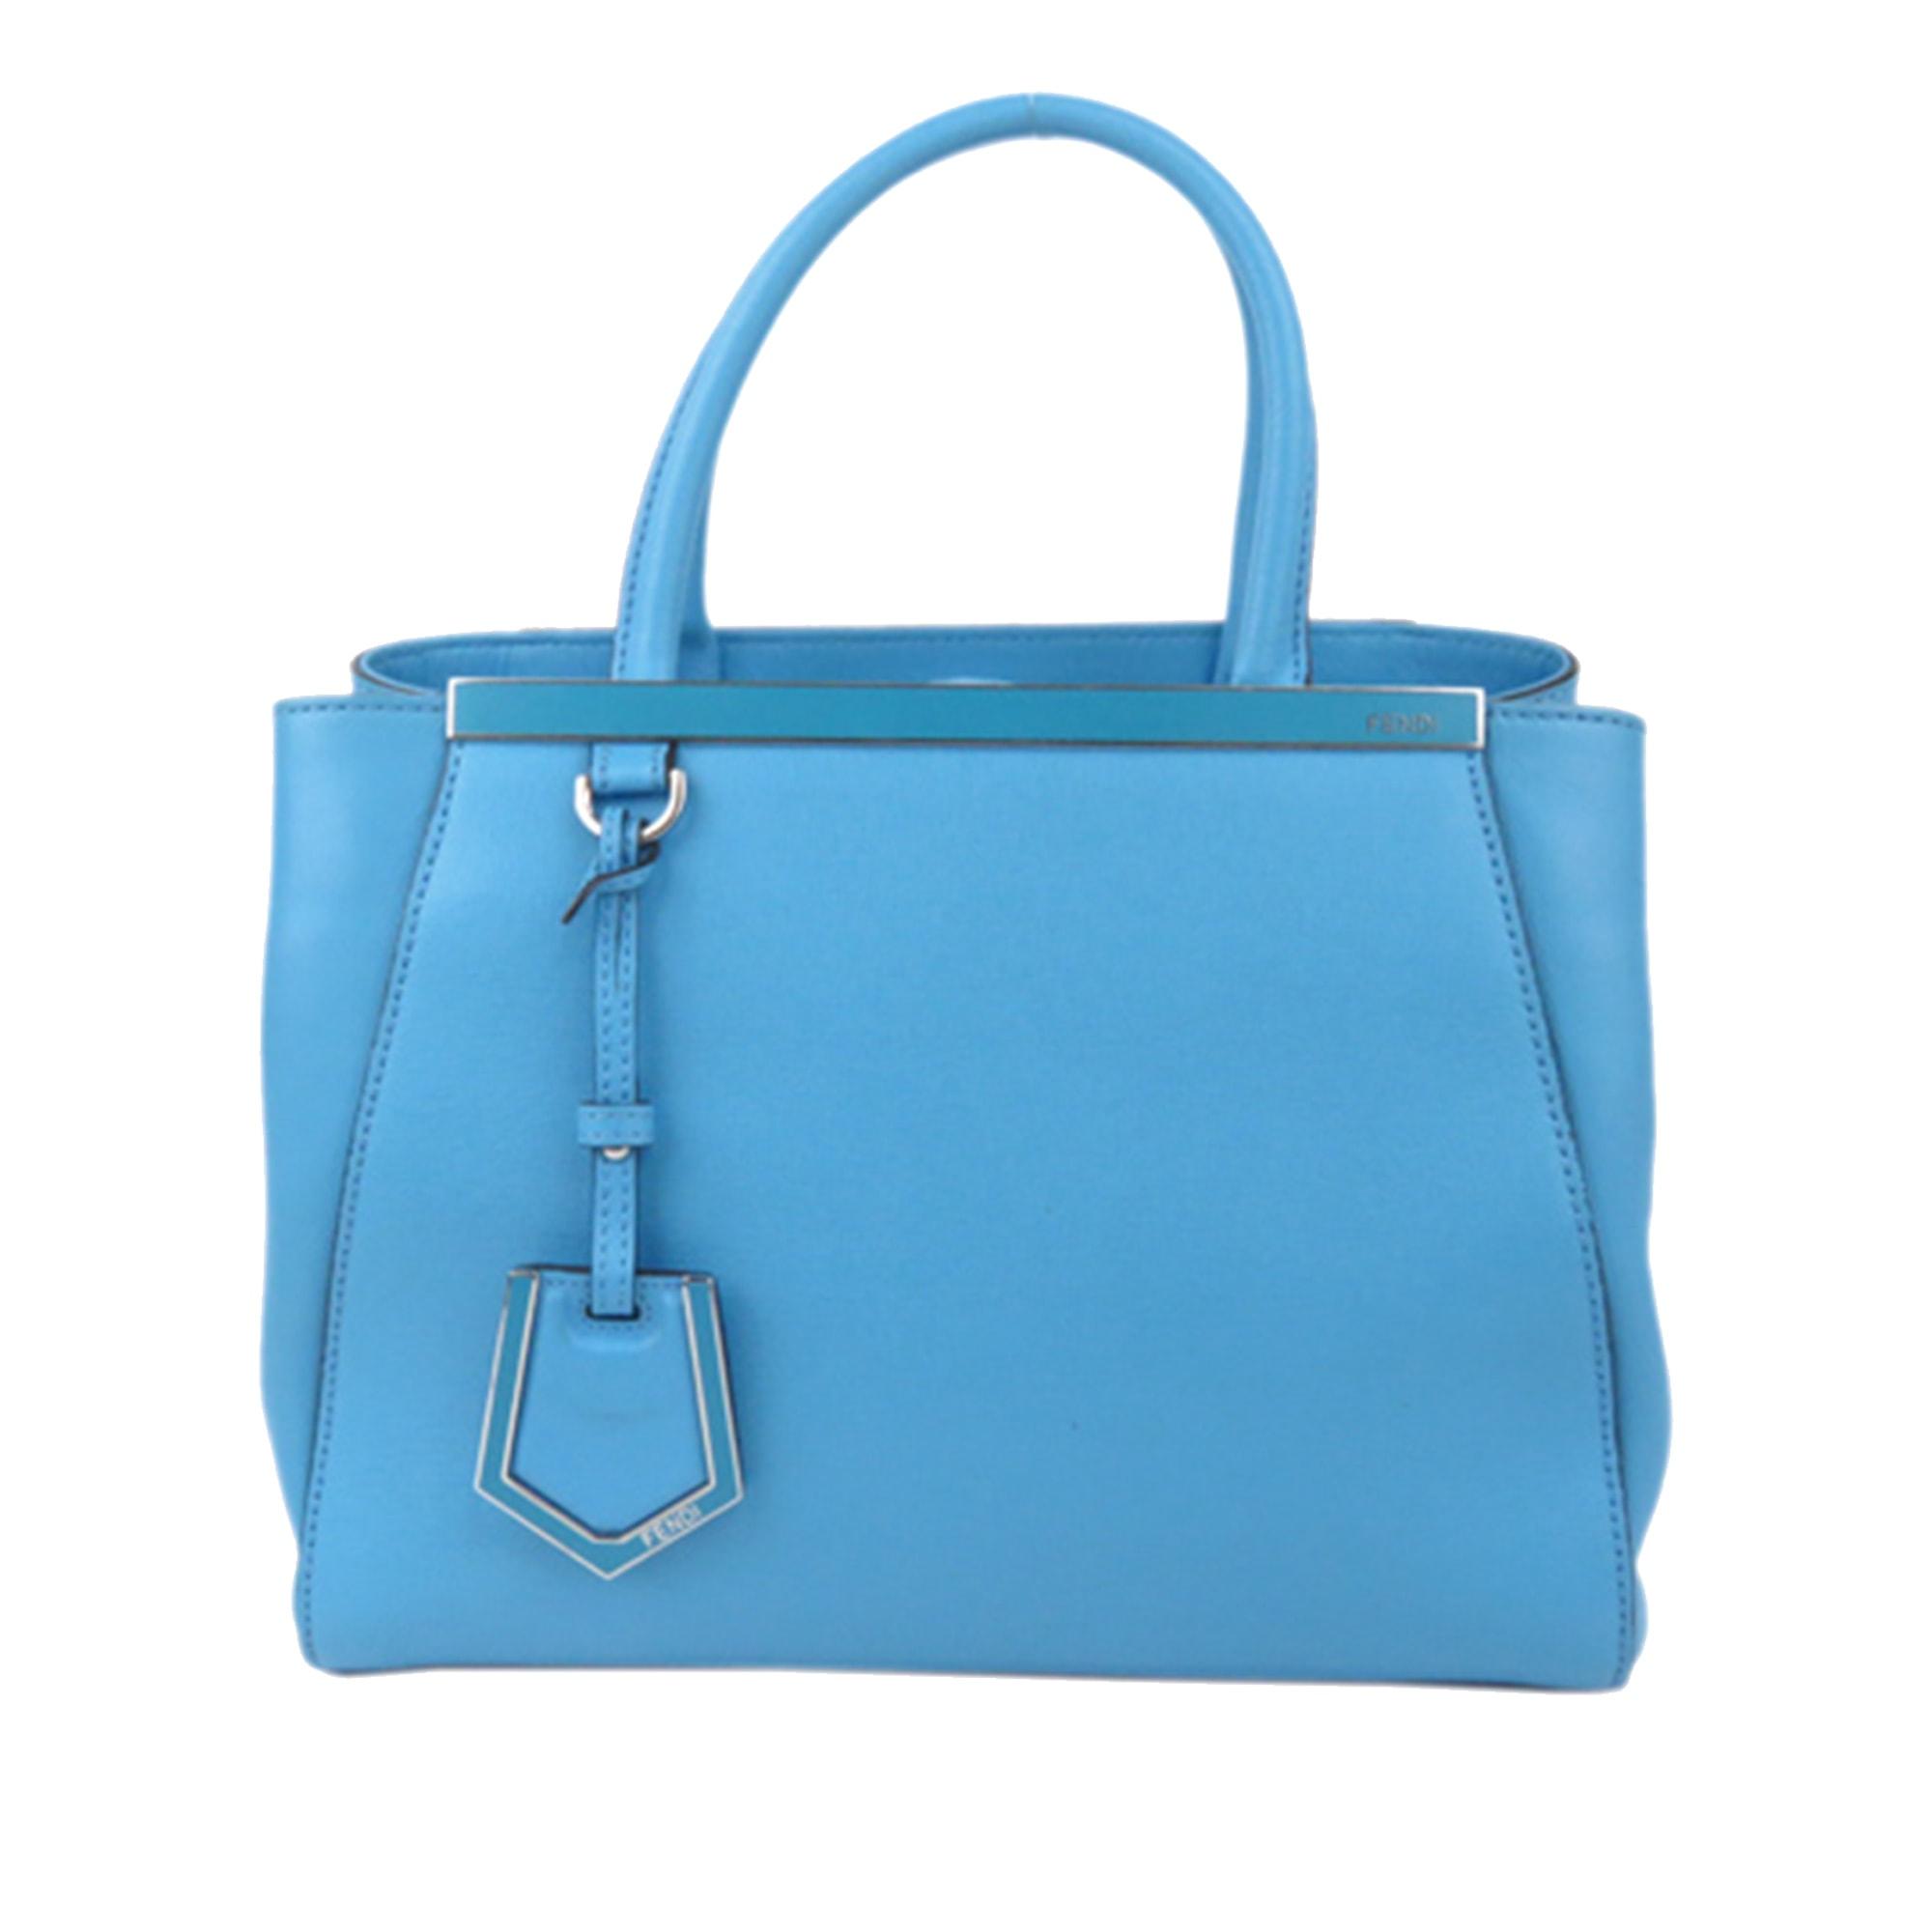 Sacoche FENDI 2Jours Blue